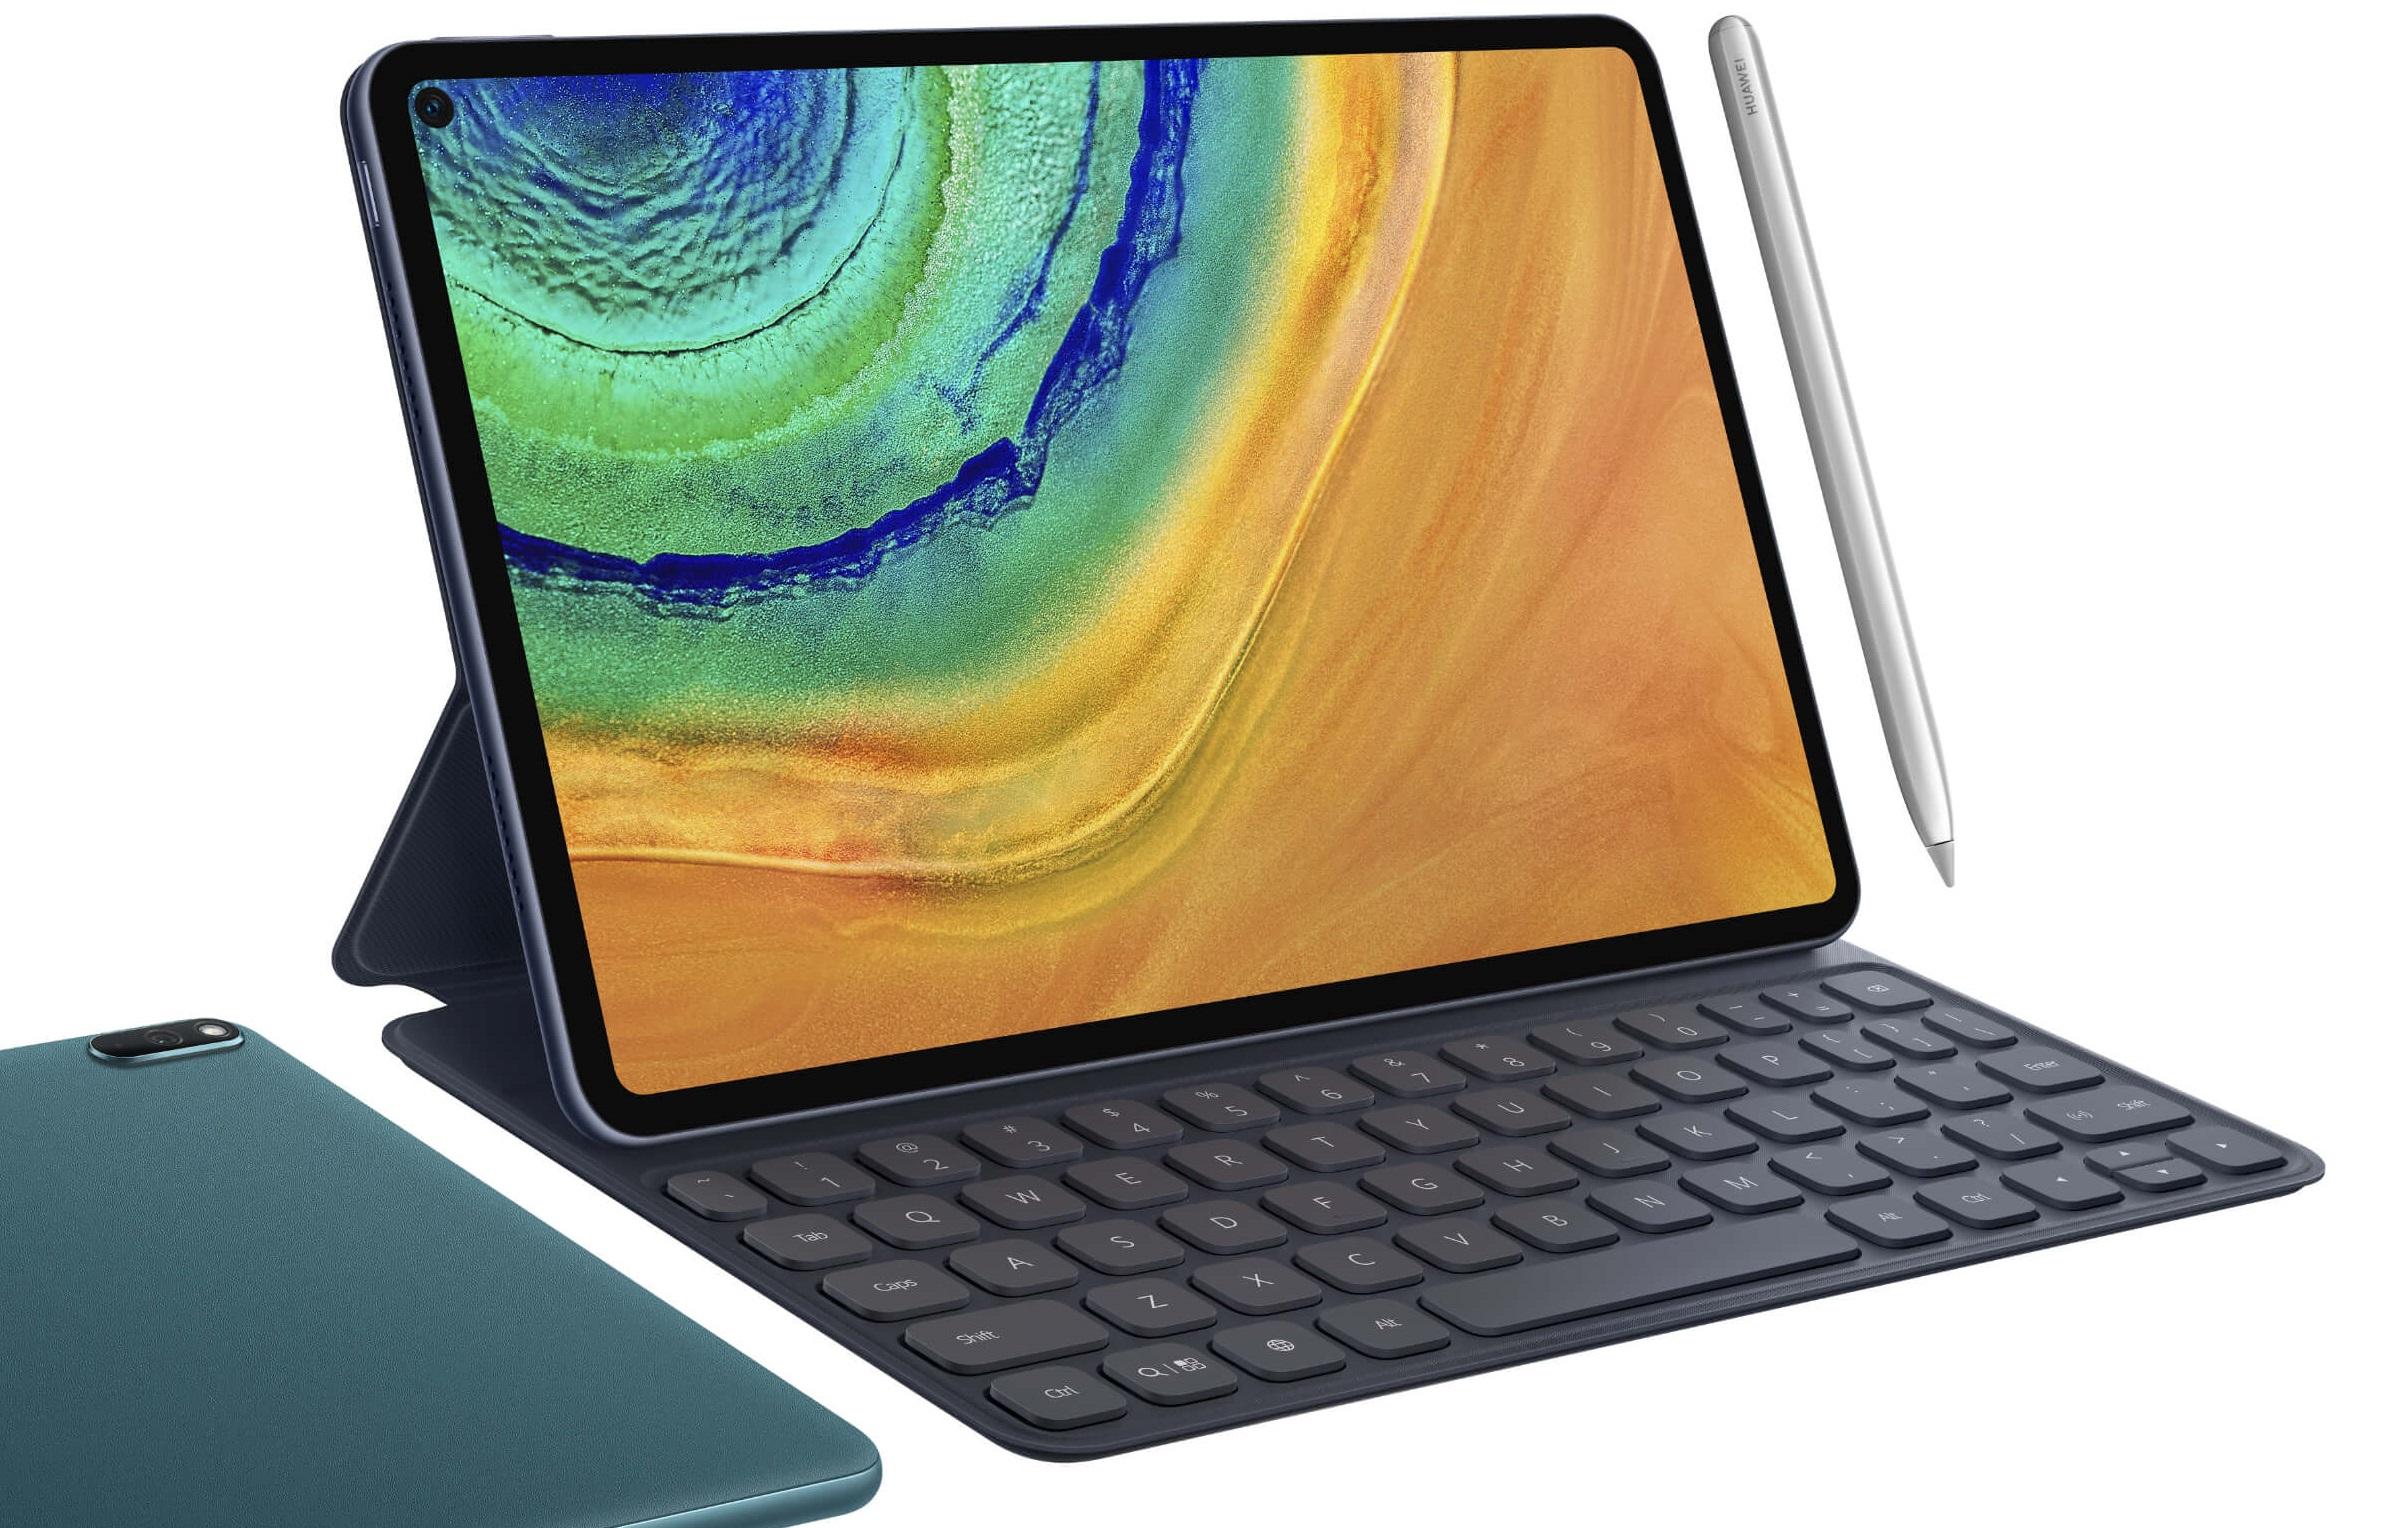 MatePad Pro : Huawei officialise sa tablette haut de gamme à écran percé